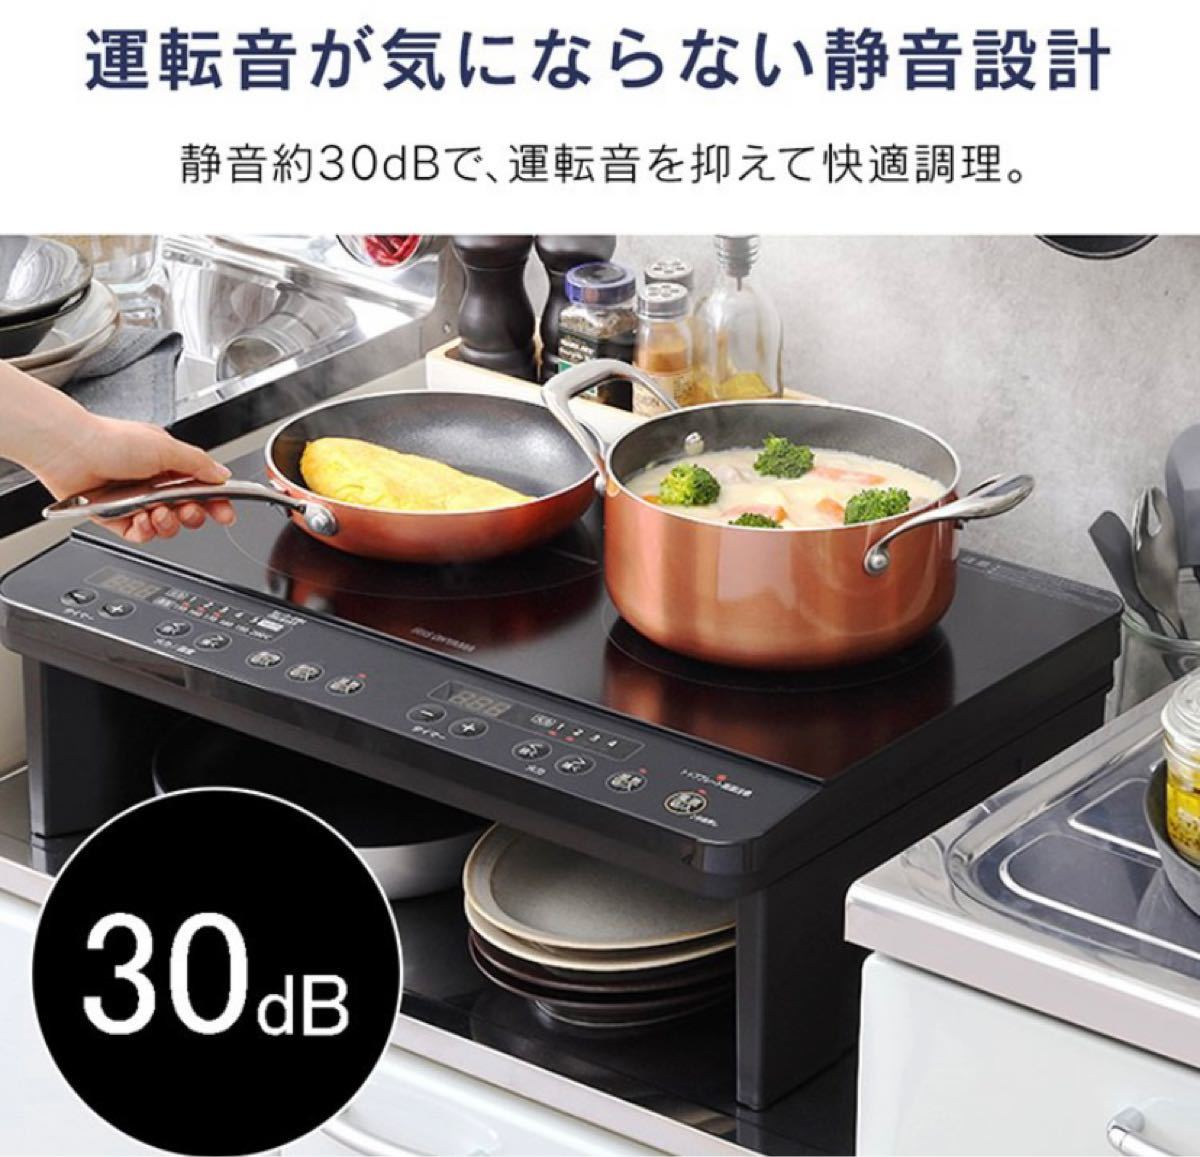 IHコンロ 2020年製 100V 2口IHクッキングヒーター アイリスオーヤマ IHK-W13S-B